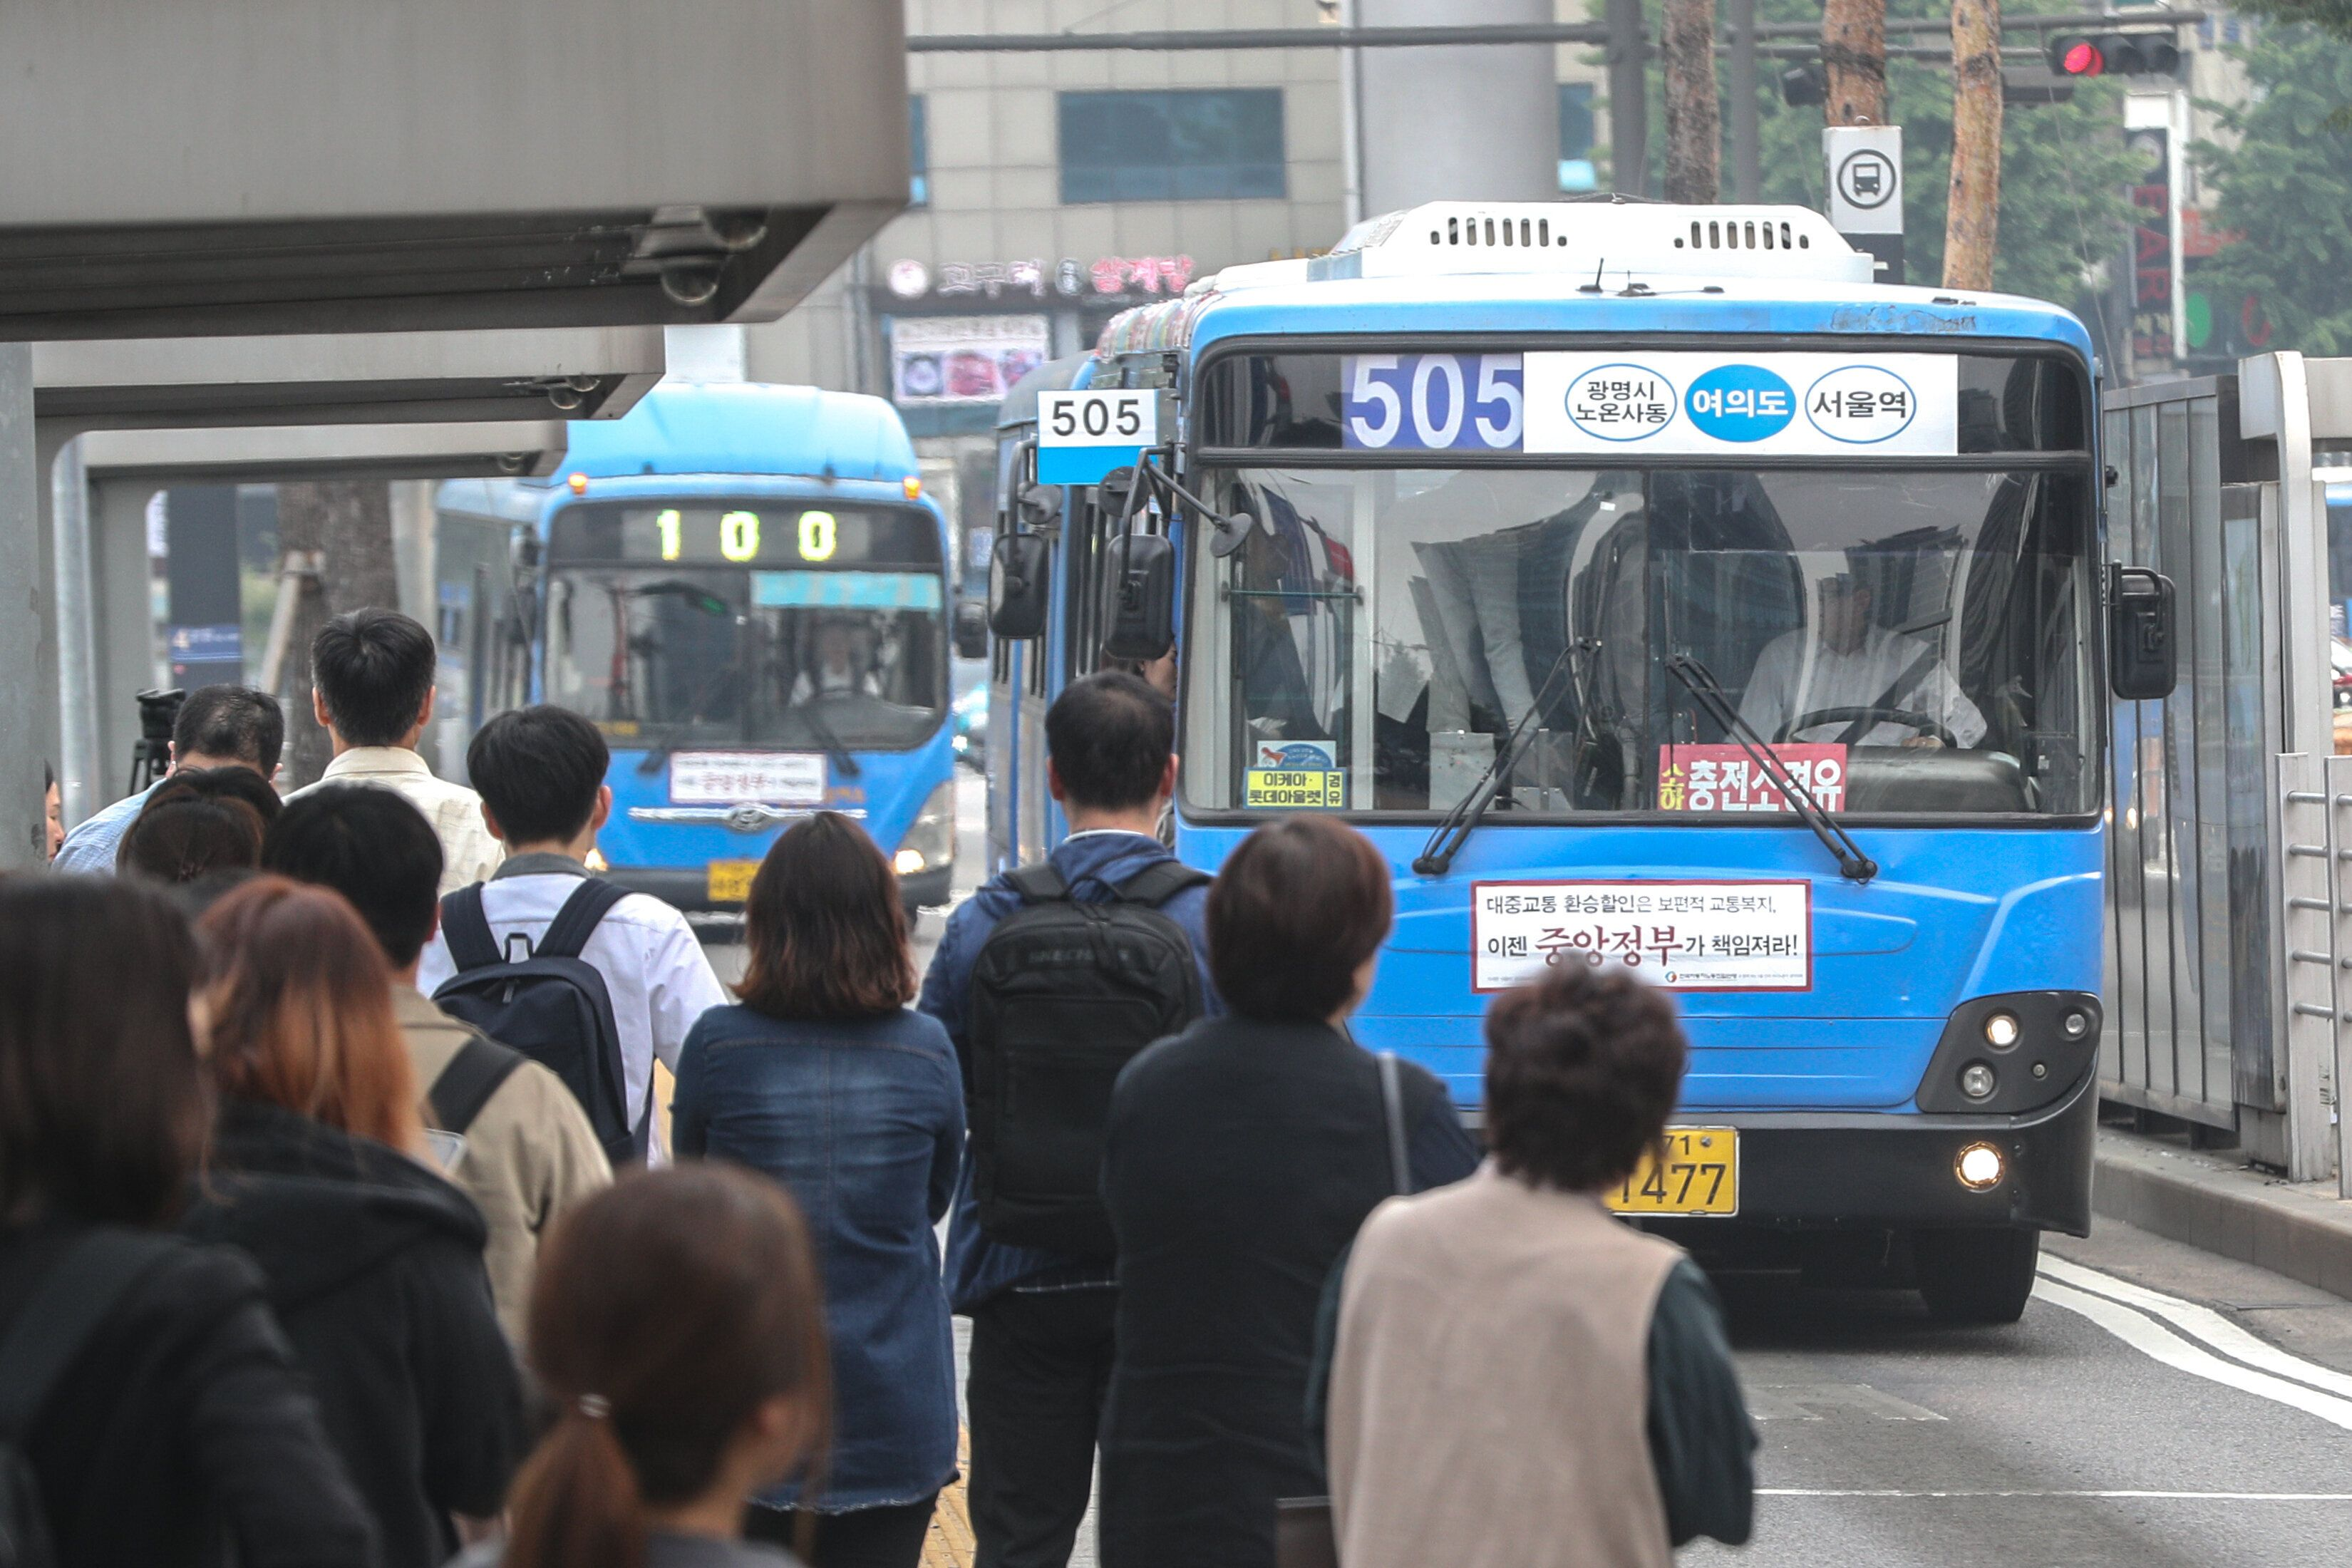 전국의 버스노조가 파업을 철회하거나